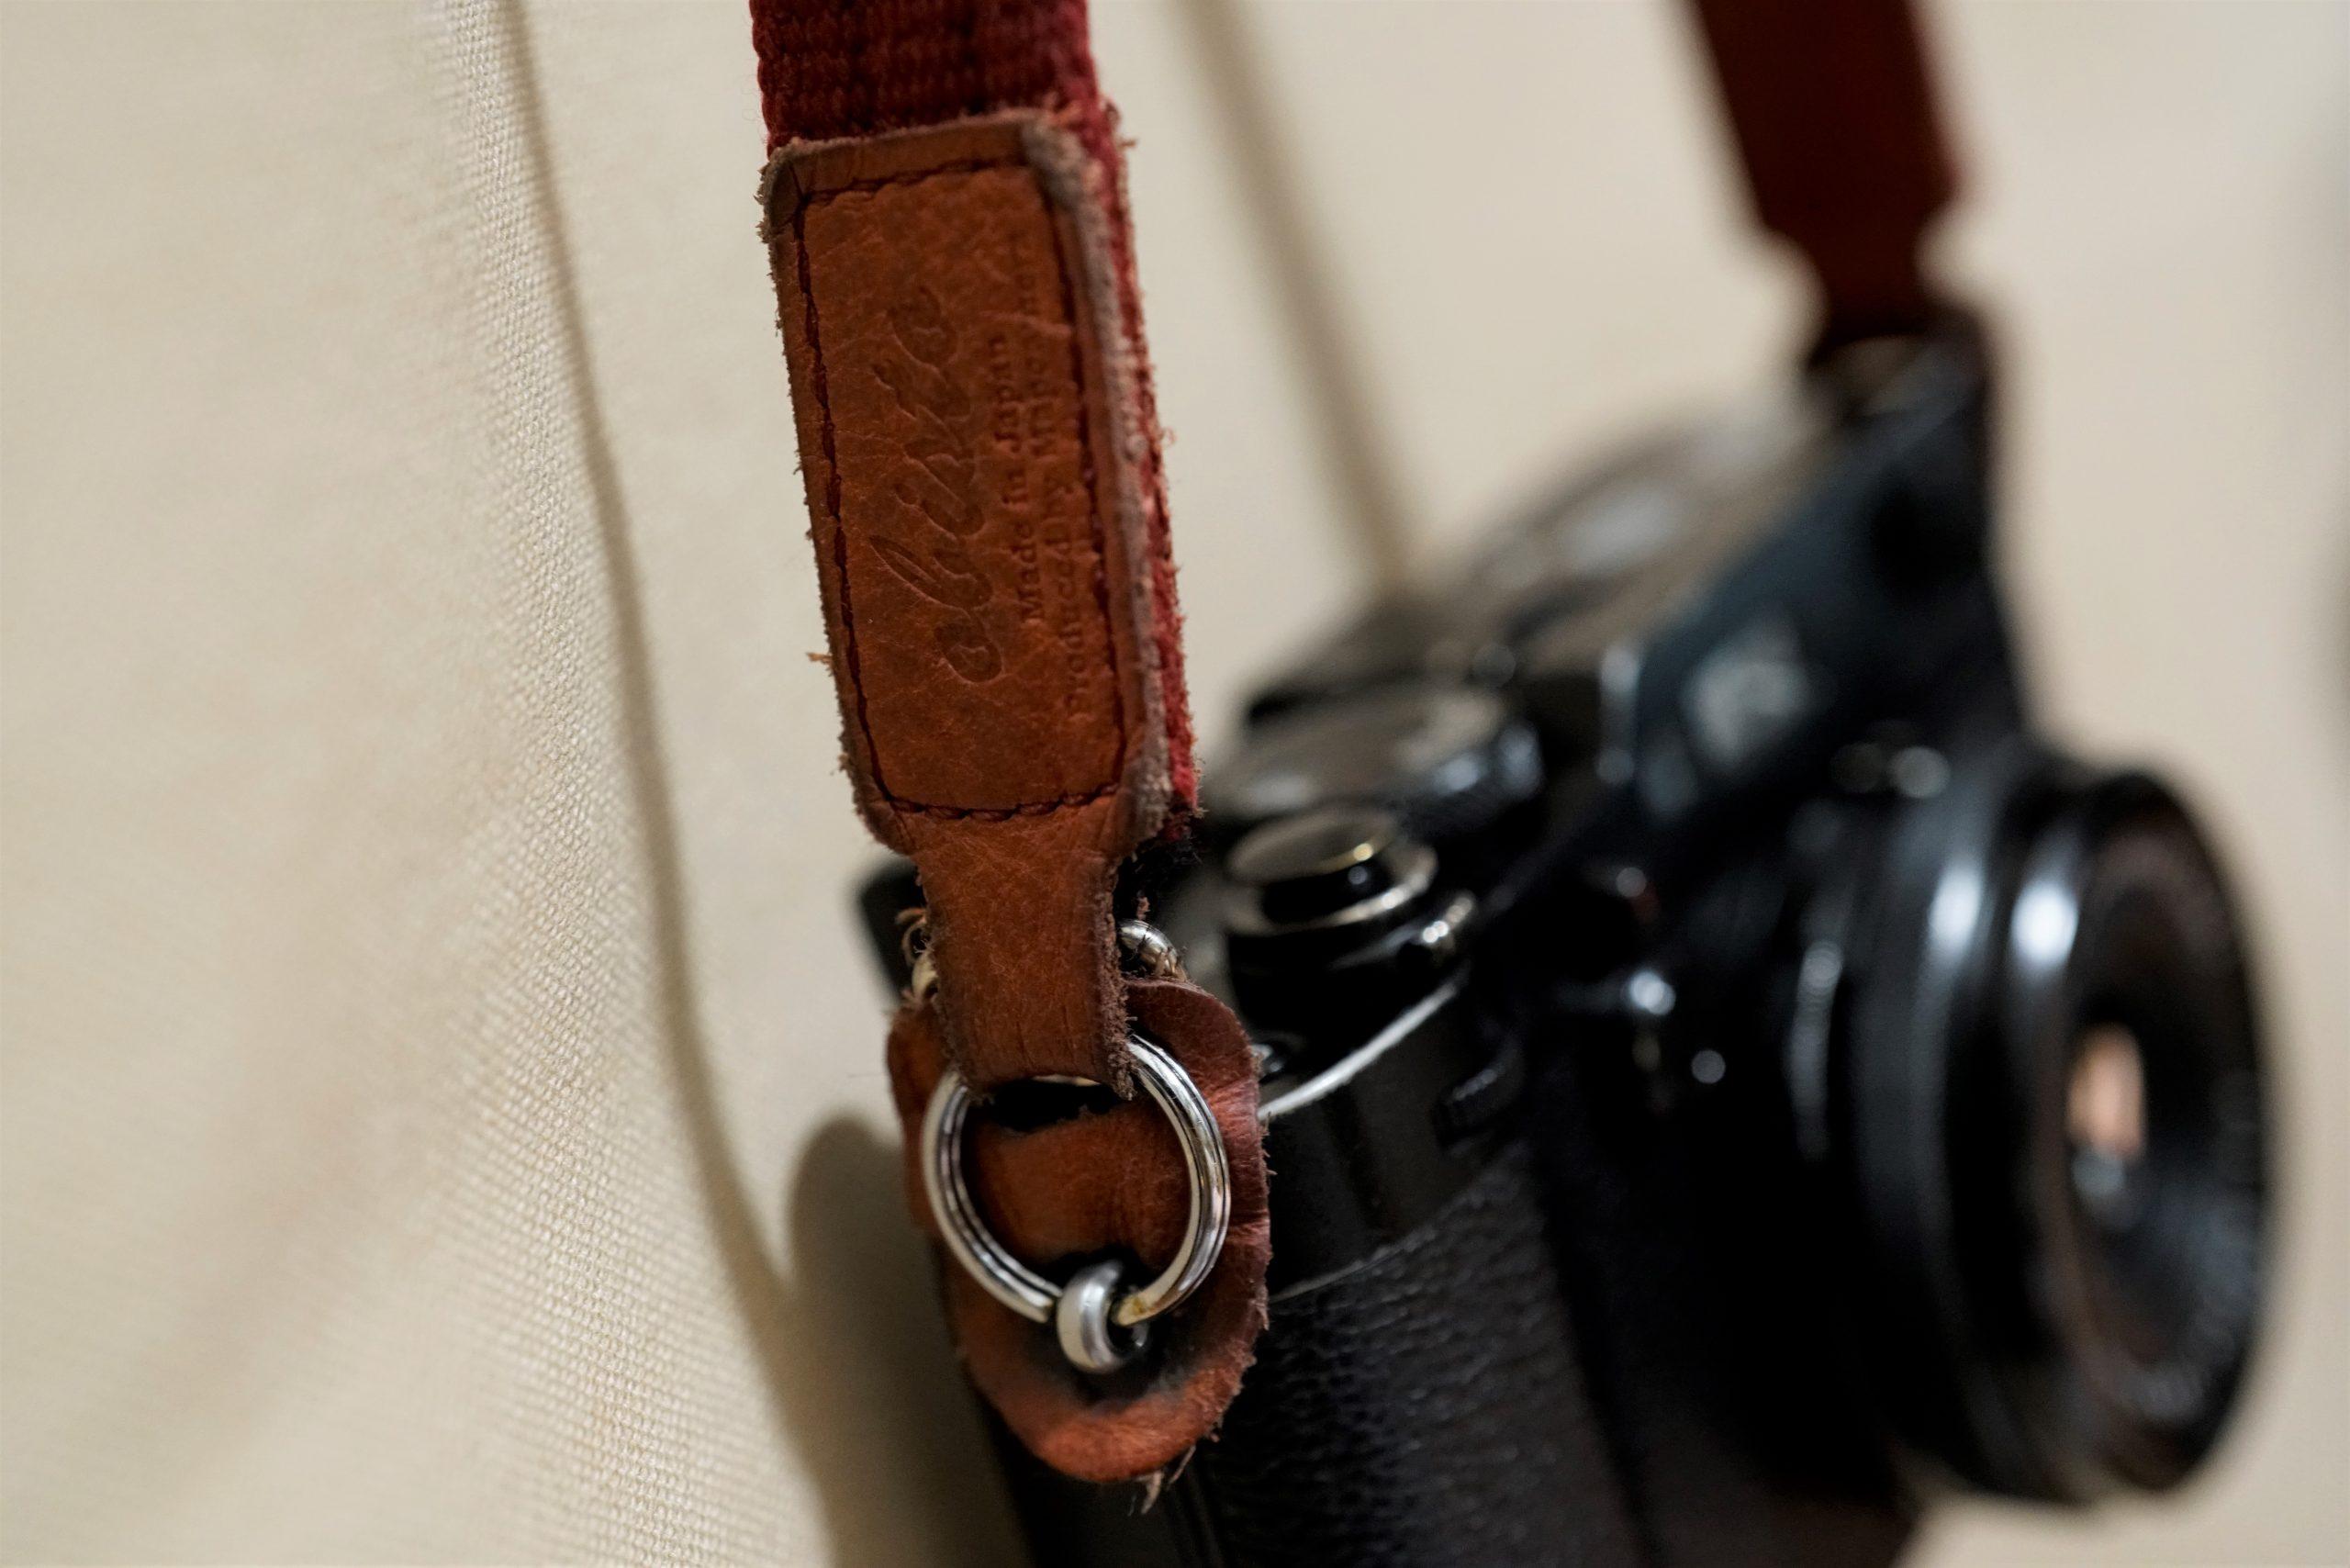 【自機一体】マップカメラスタッフこだわりの逸品 Vol.55